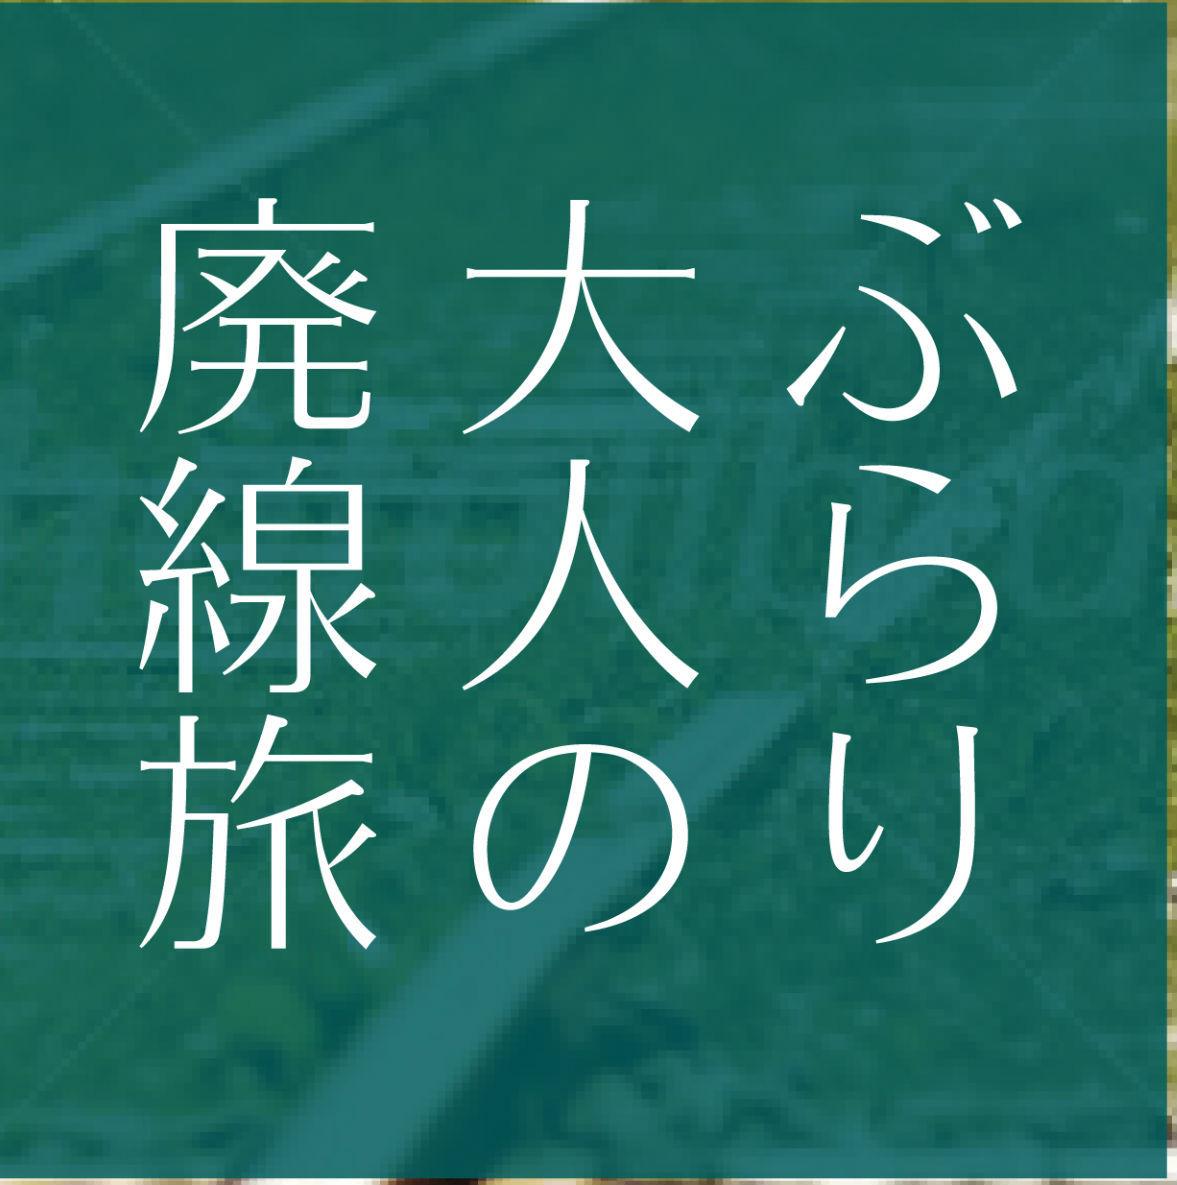 【「遠い昭和」の風景】鶴見線の引込線の痕跡を訪ねて【後編】